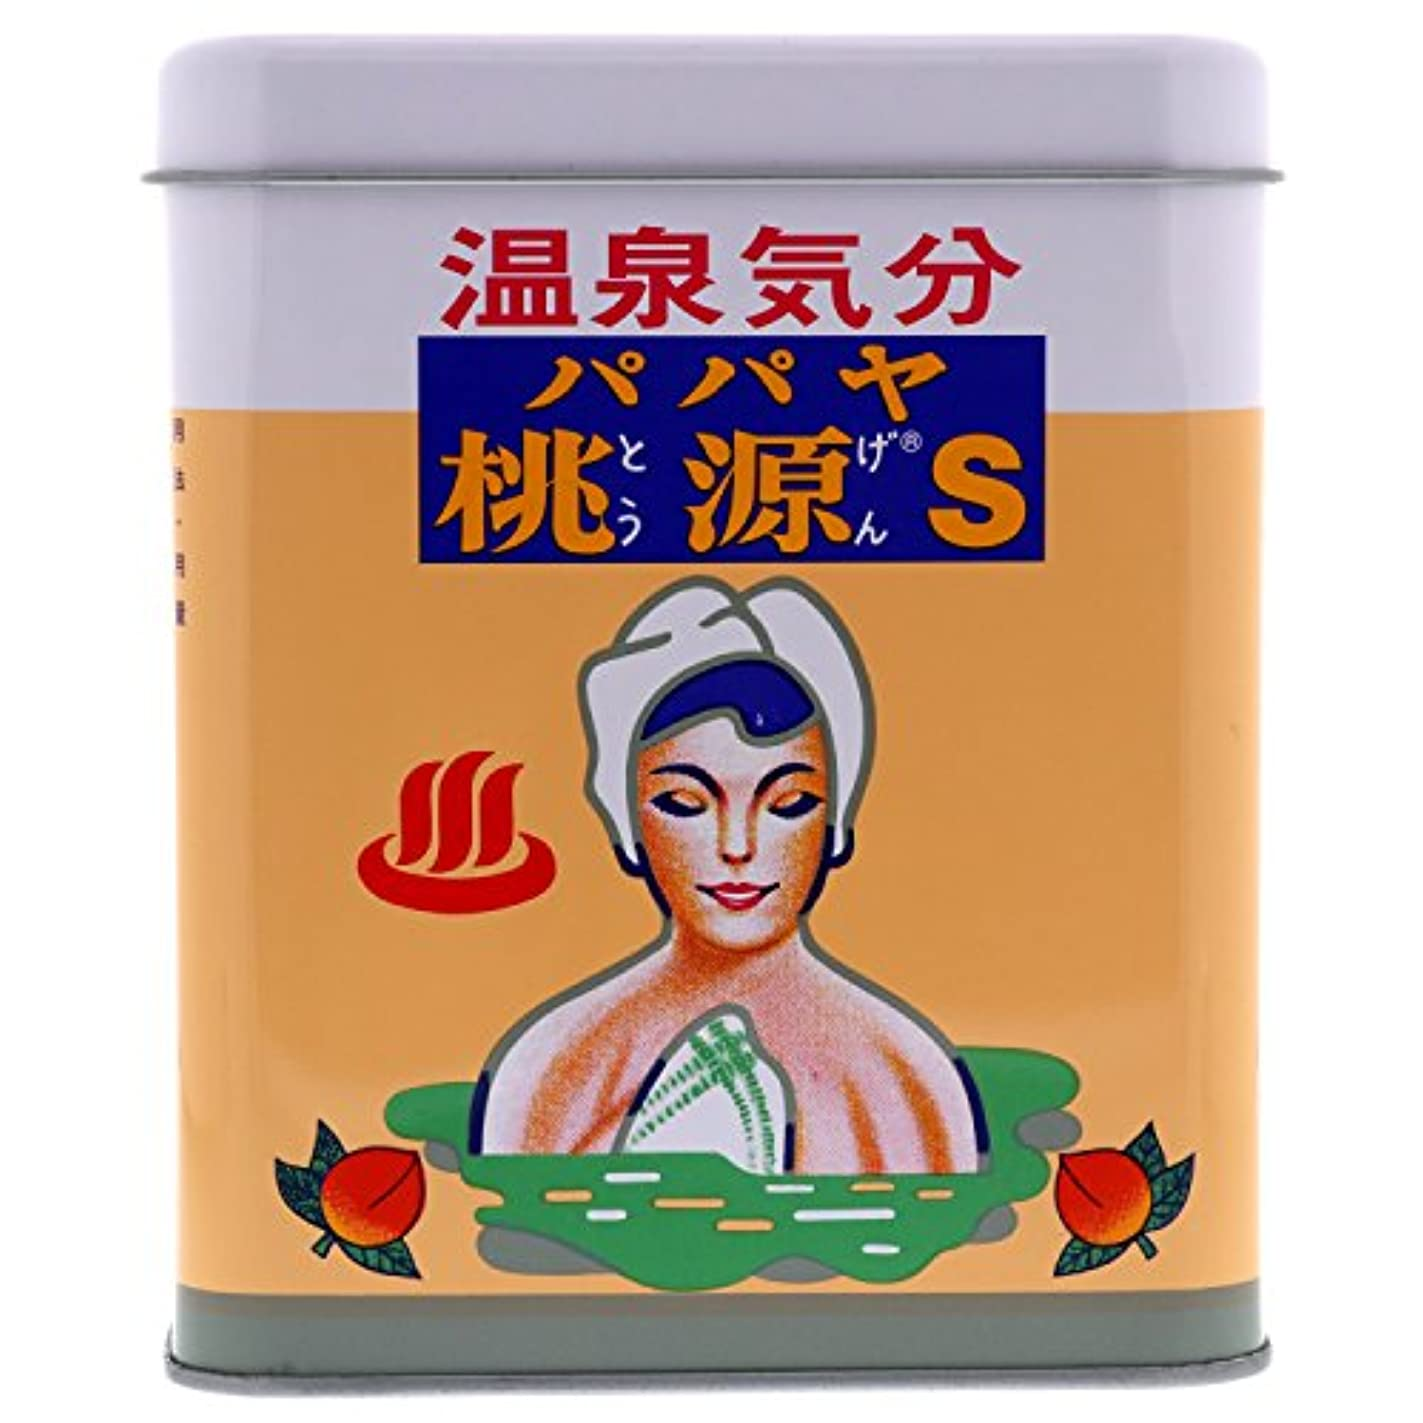 機会サーキットに行くブリリアントパパヤ桃源S 700g 缶 [医薬部外品]